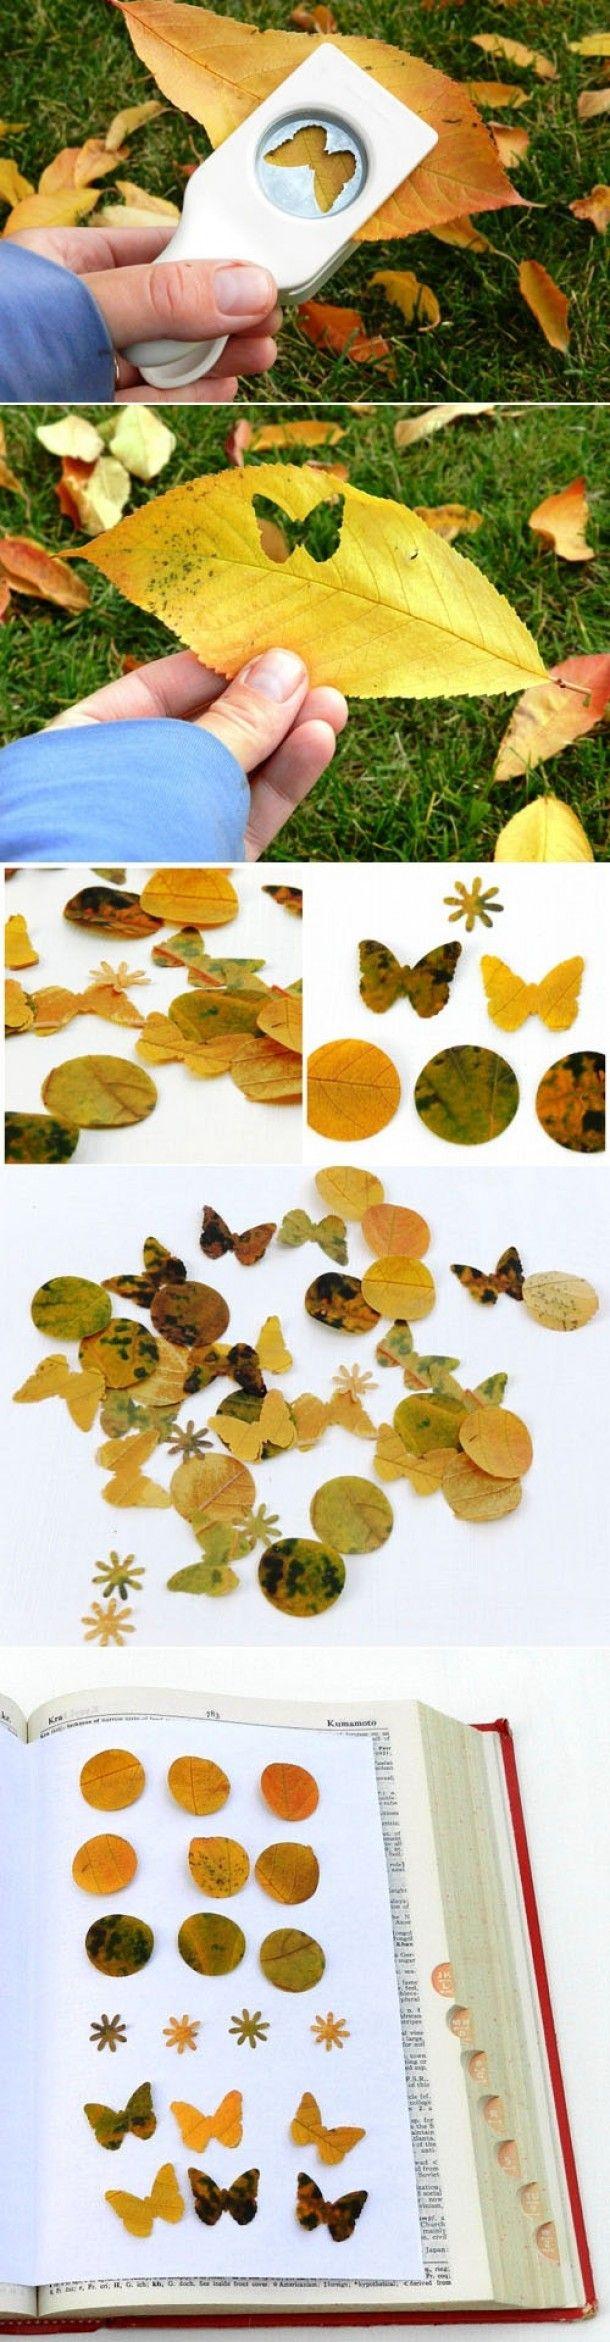 tuin en veranda ideeen | Met een pons knippen in herfstbladeren. Door Noompje